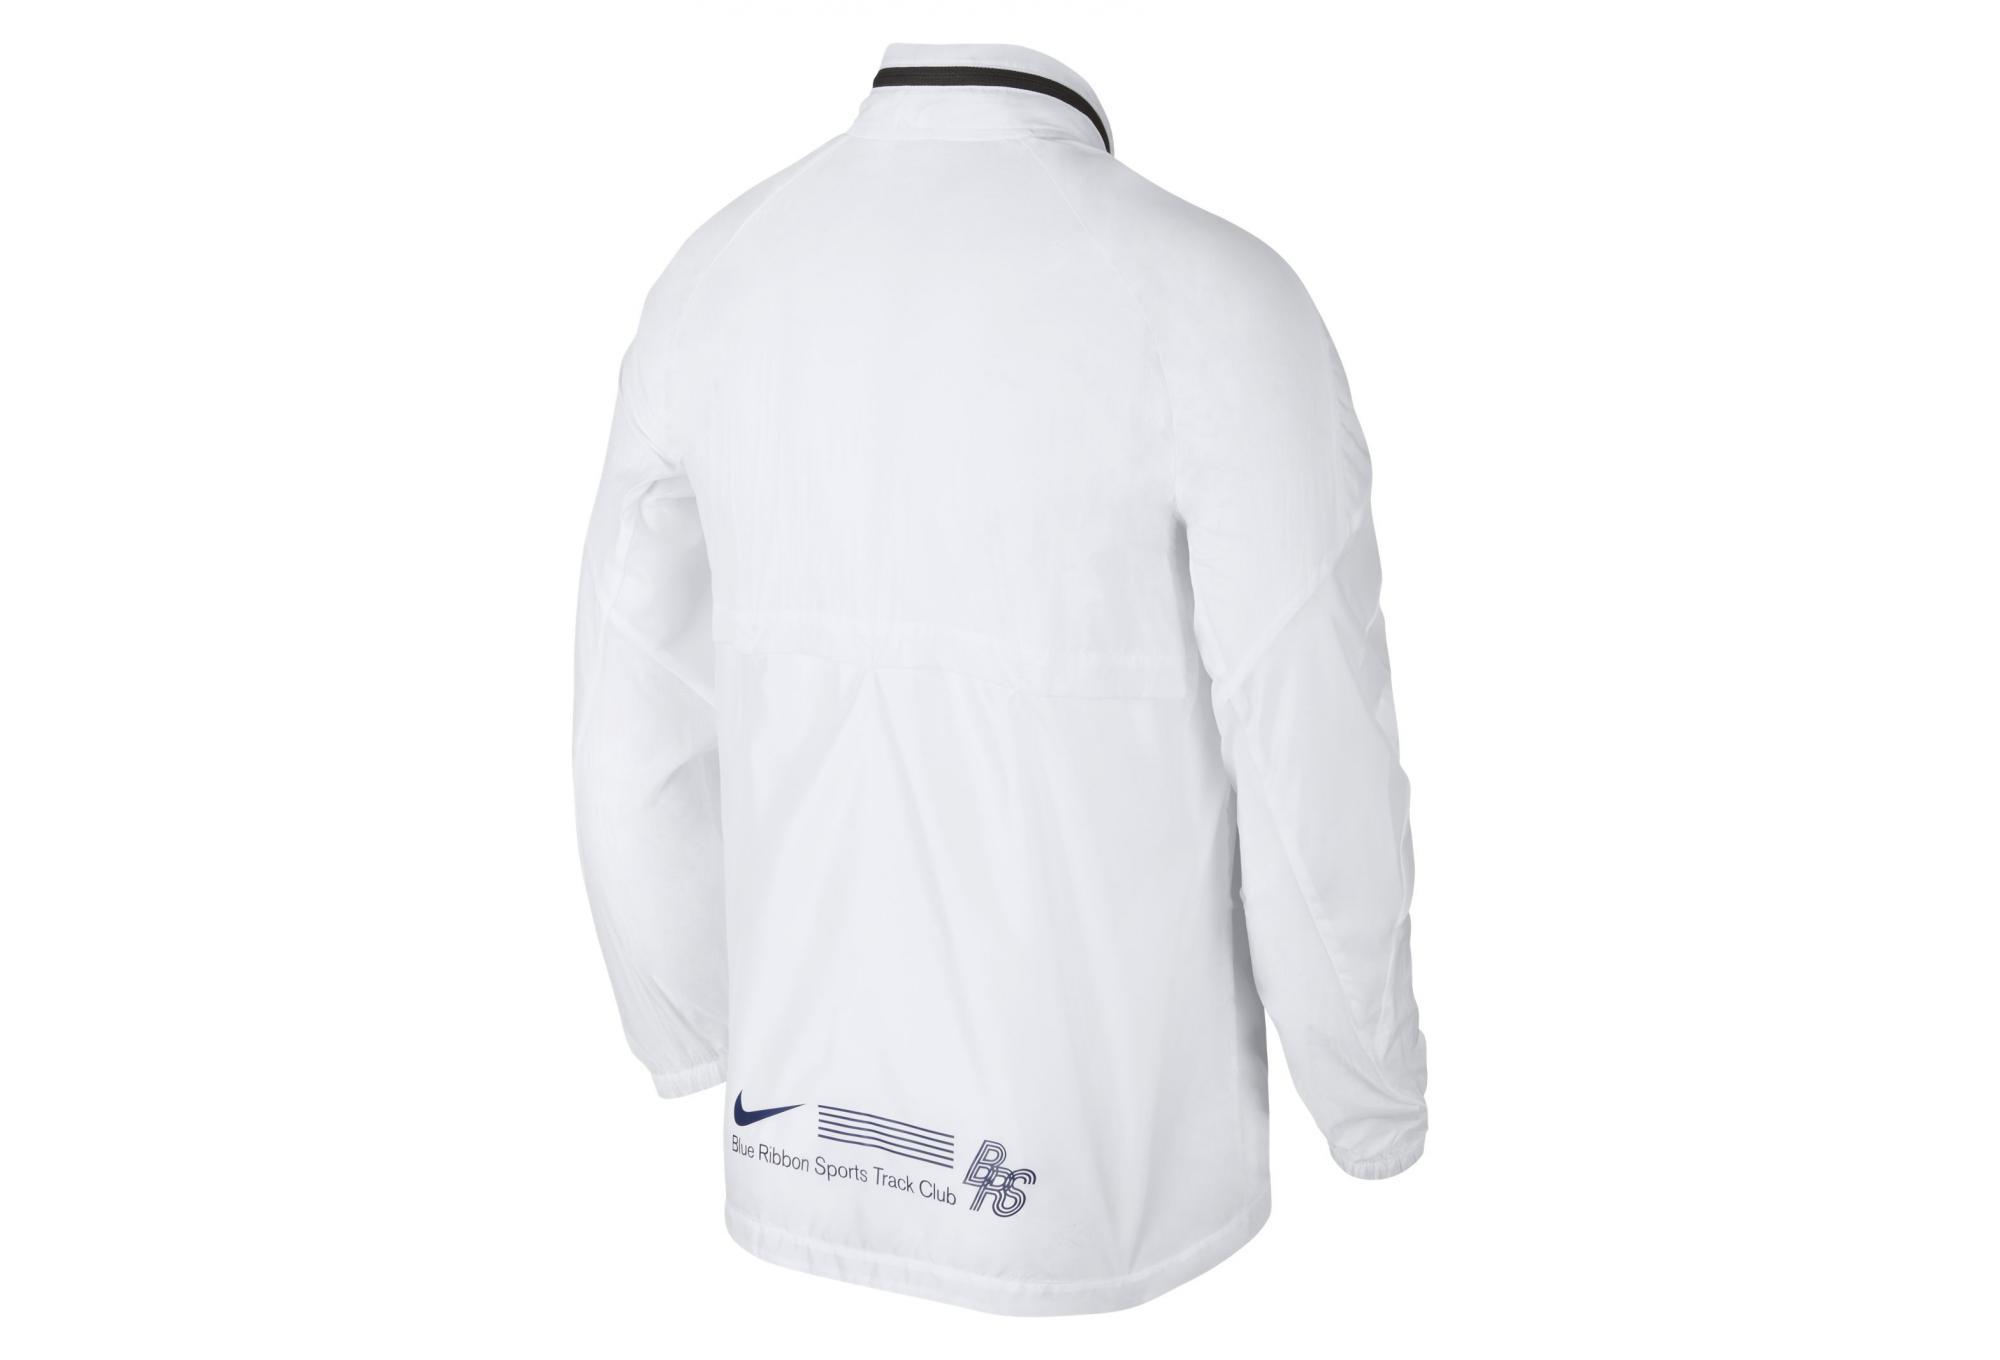 Veste Nike Zip Track Jacket BRS Blanc Bleu Homme